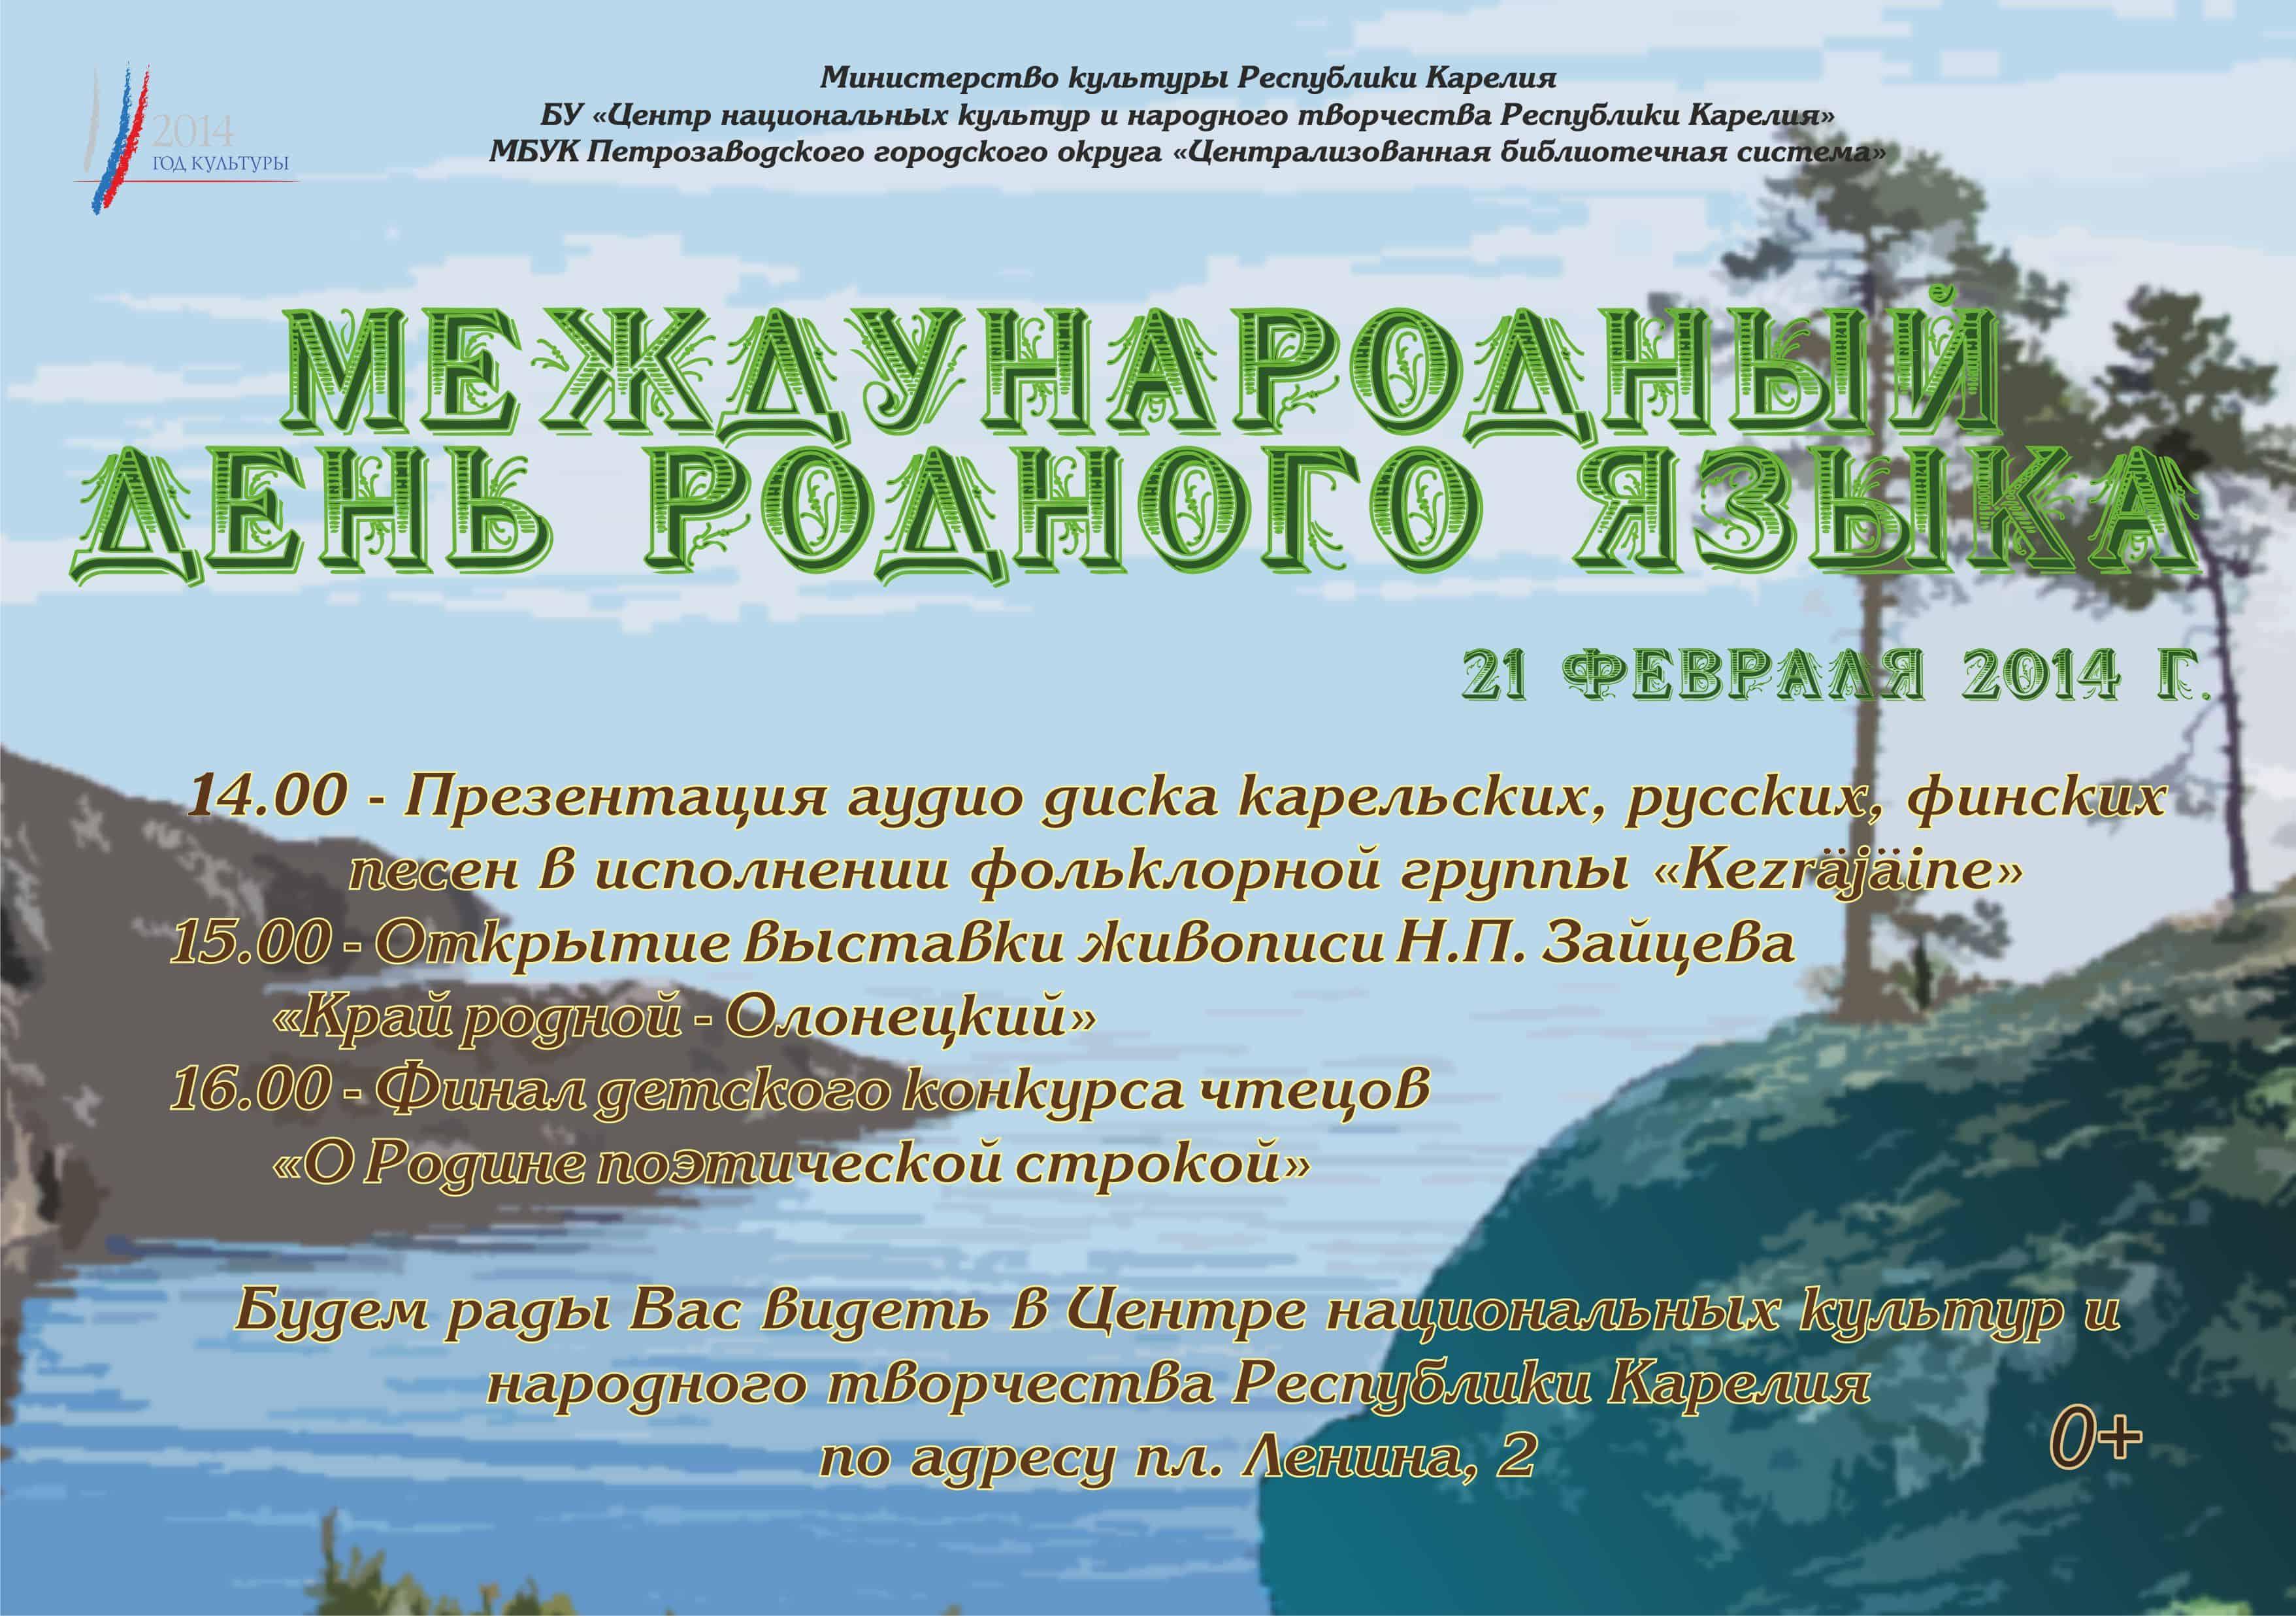 Центр национальных культур приглашает на День родного языка